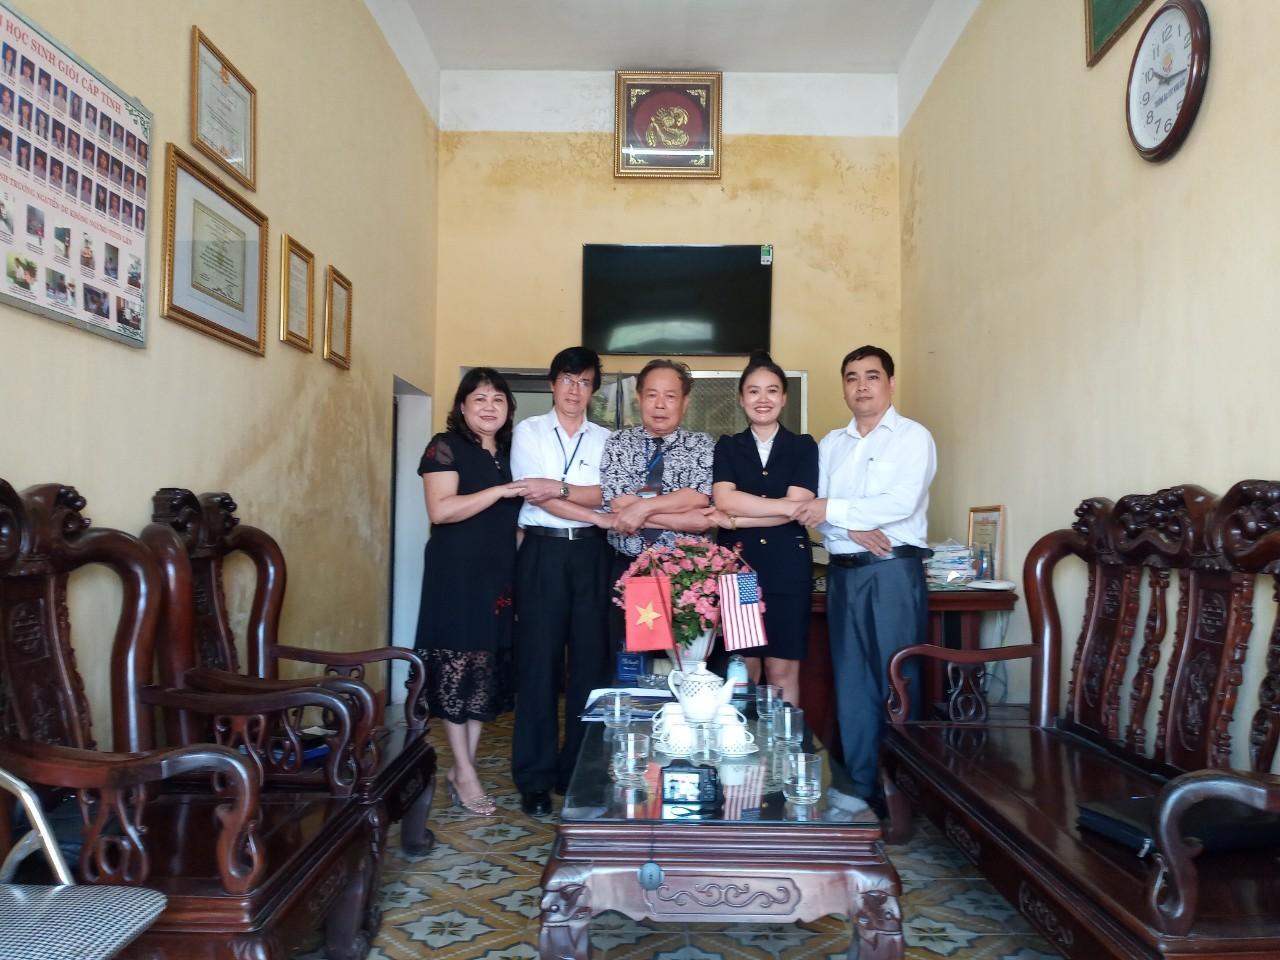 Chuẩn bị cho chương trình tổ chức tọa đàm tại Trường THPT Nguyễn Du tỉnh Bắc Ninh, THPT An Dương thành phố Hải Phòng